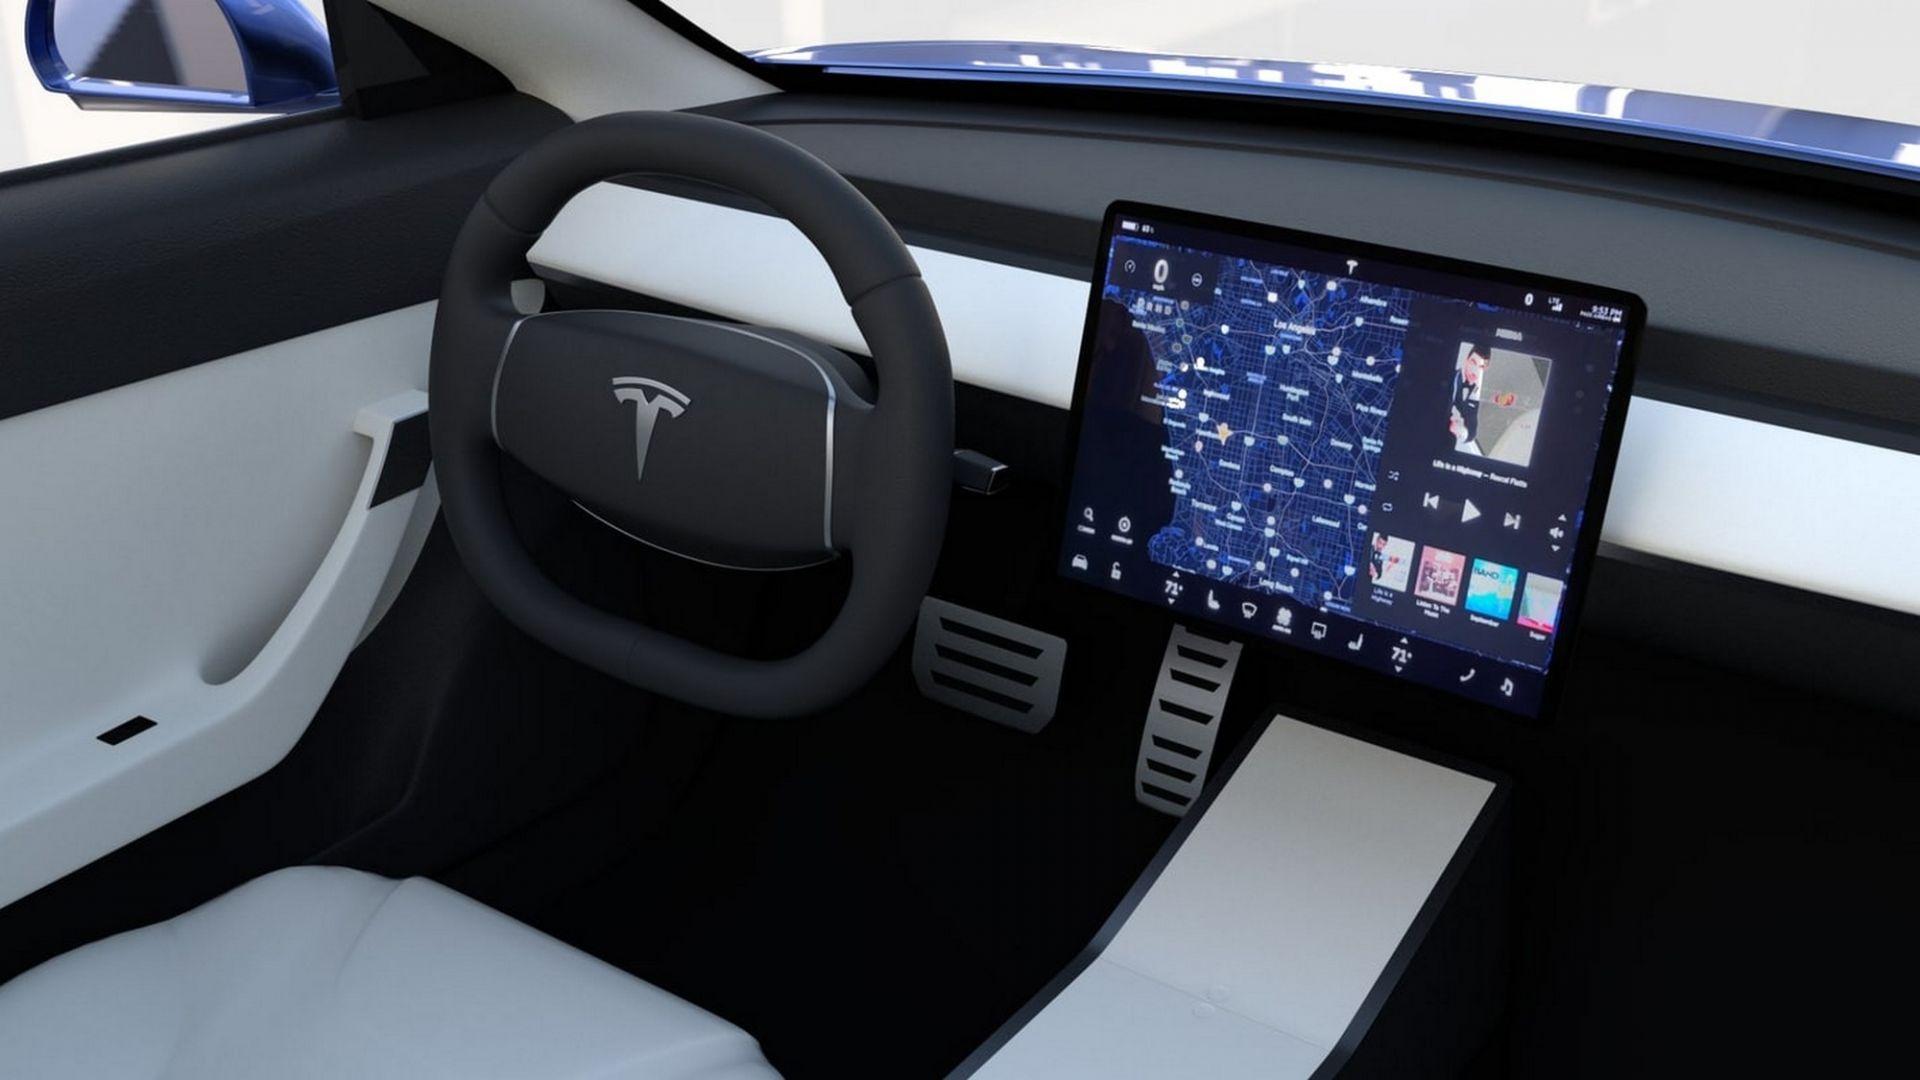 Tesla Model 3, prime consegne, prime lamentele. Manca cielo in Alcantara - MotorBox